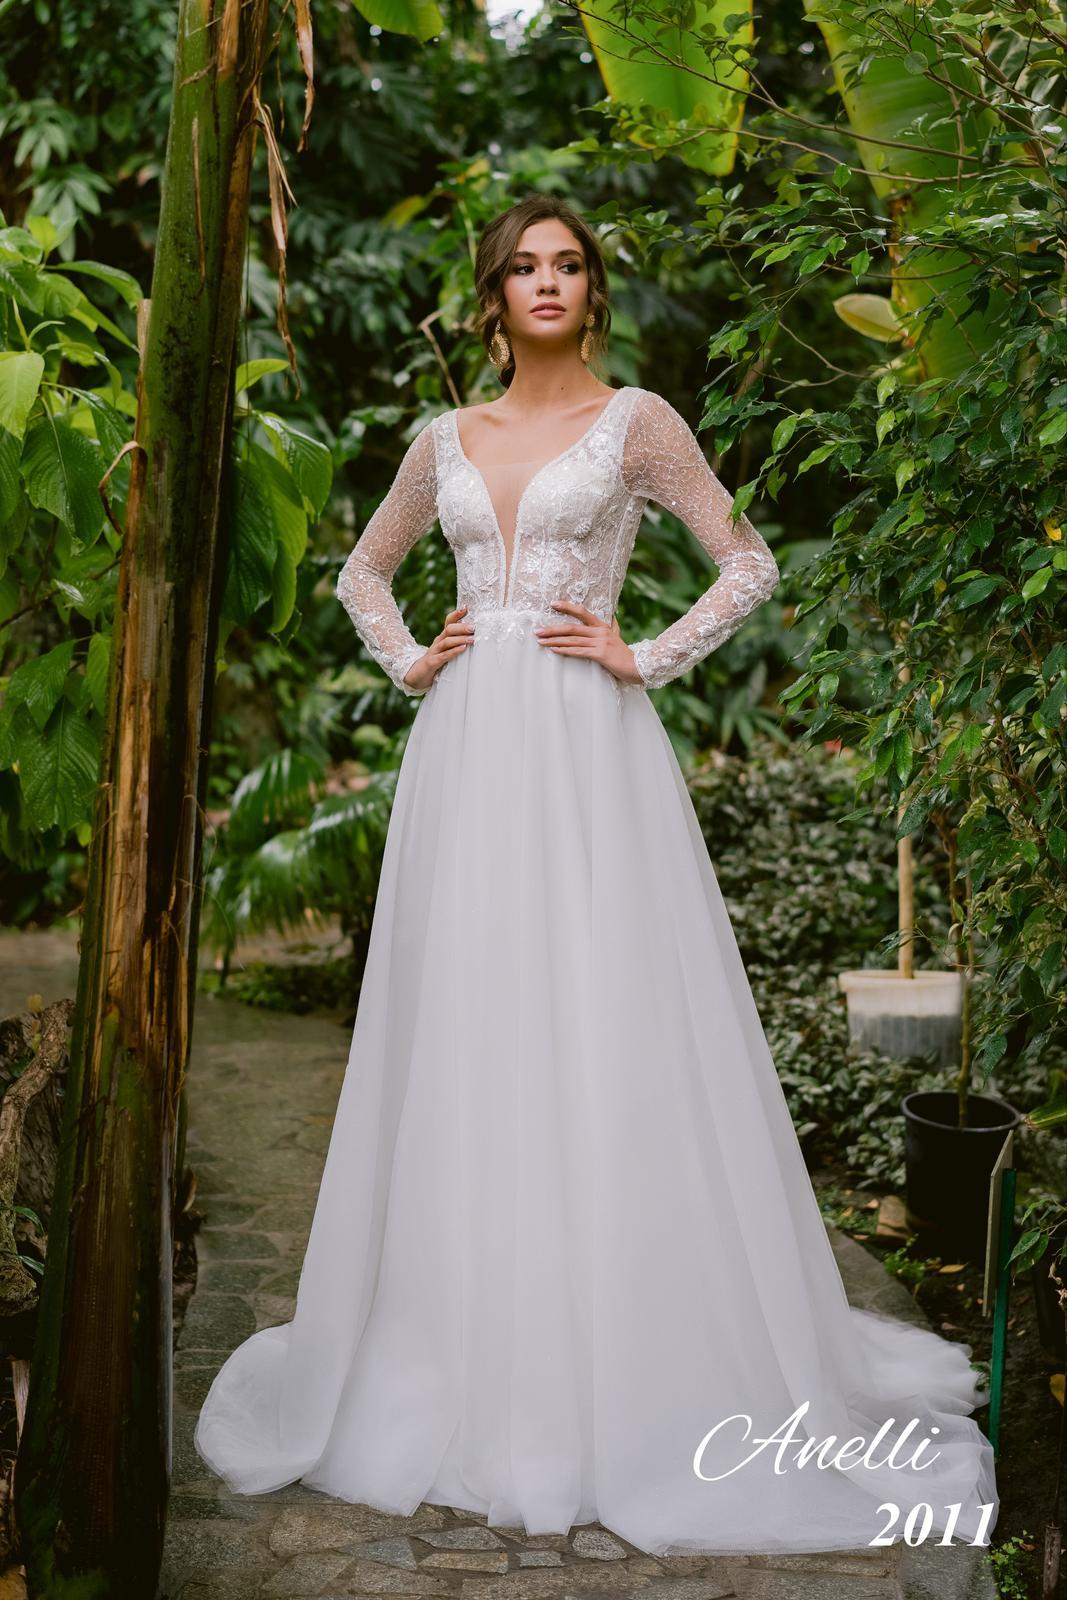 Svadobné šaty - Breeze 2011 - Obrázok č. 2